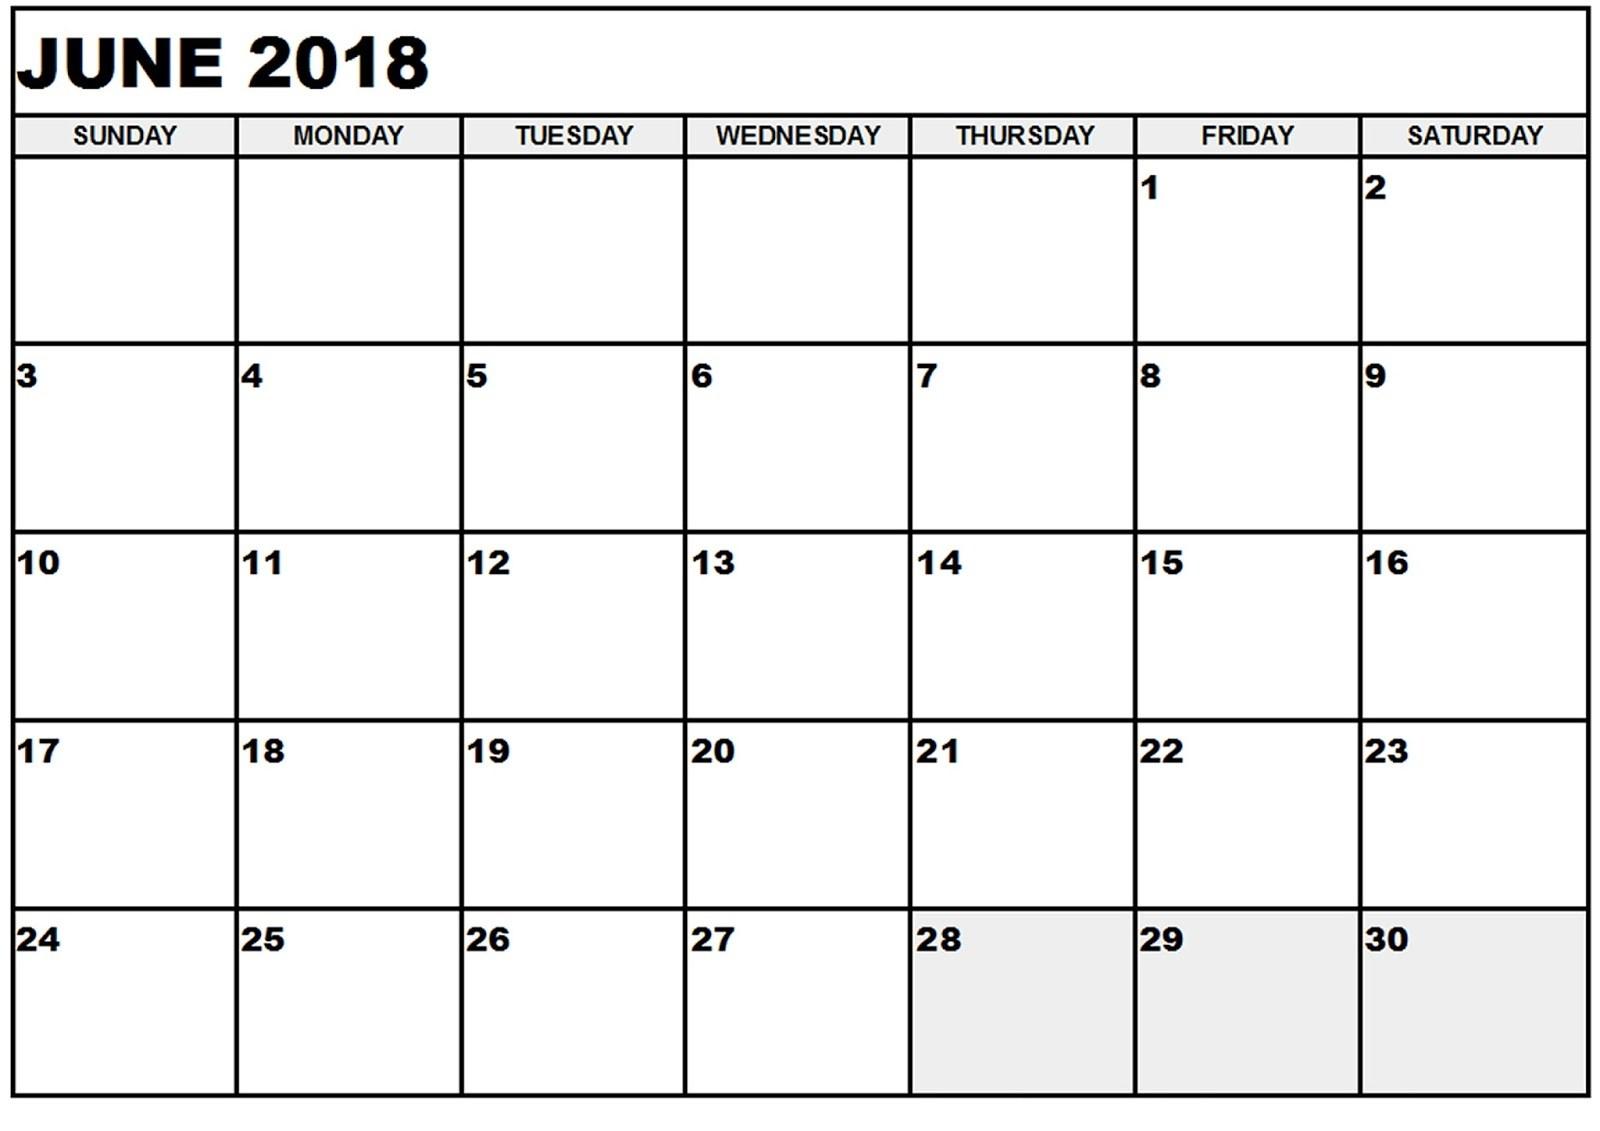 Free June 2018 Calendar In Printable Format Templates - Calendar